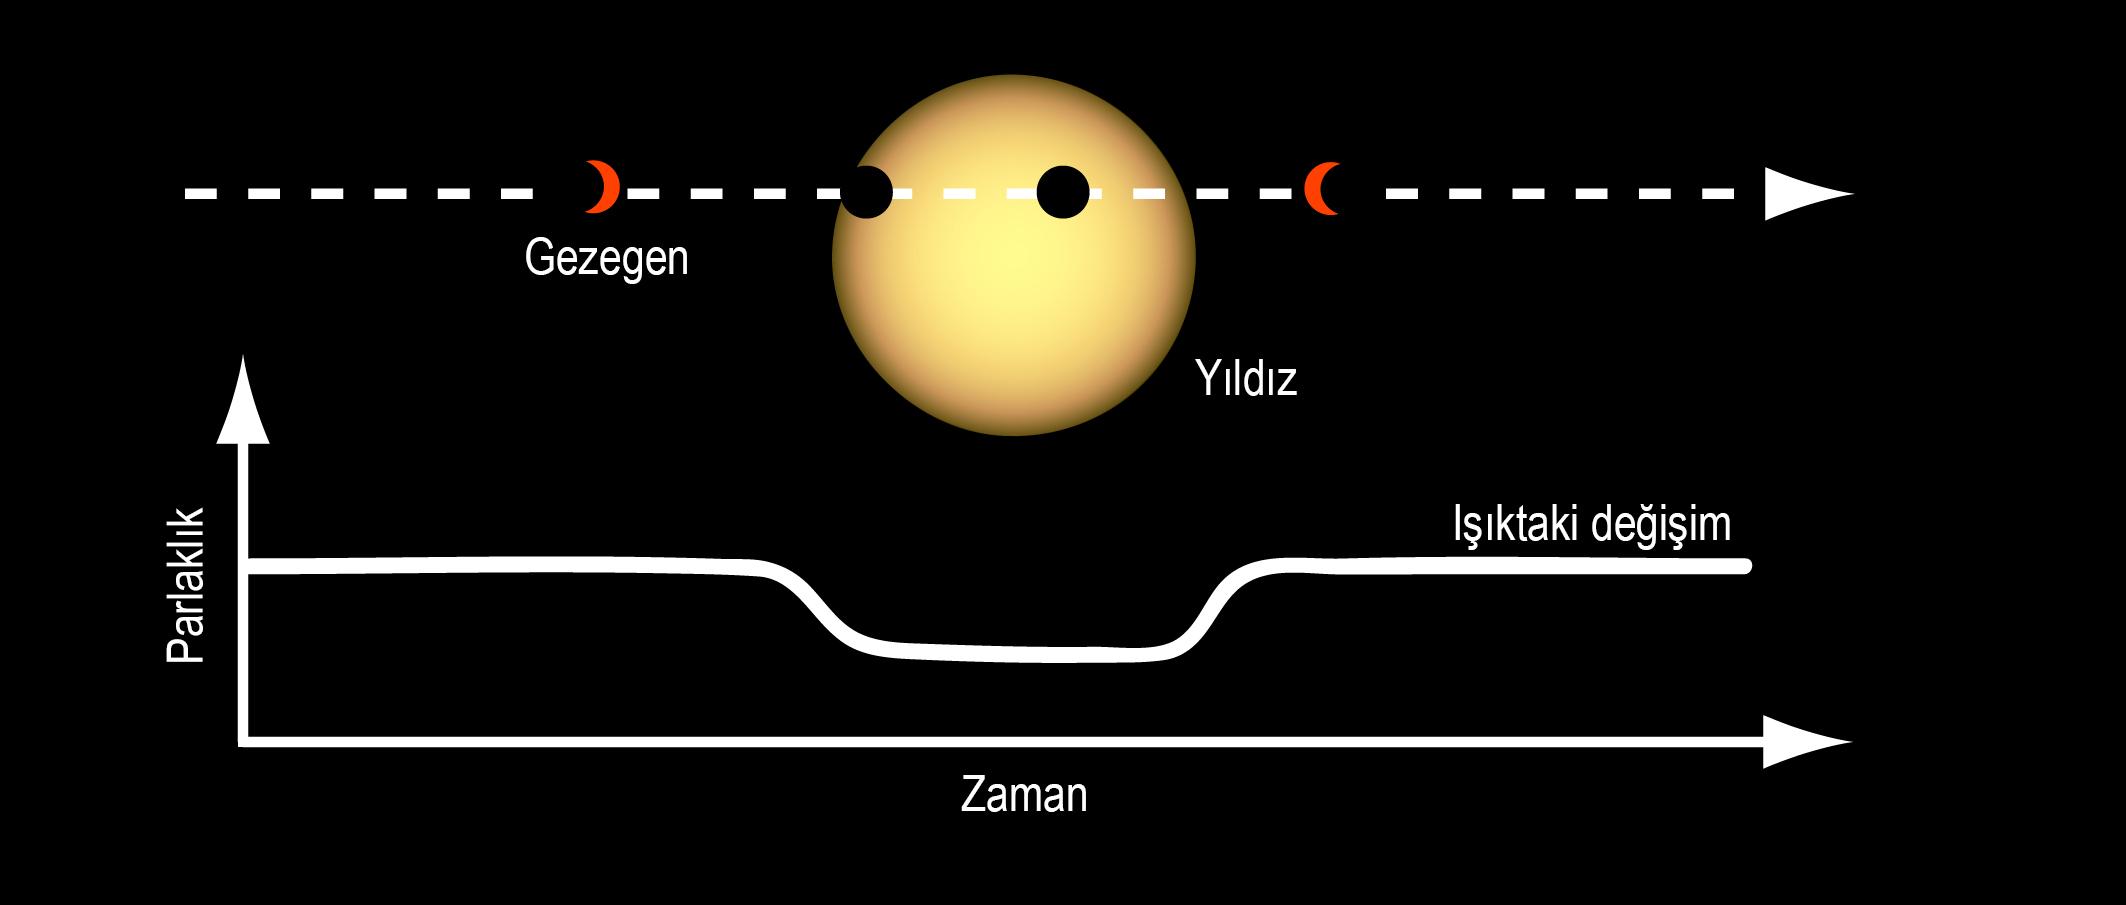 Geçiş (Transit) yöntemi ile ötegezegen keşfi...